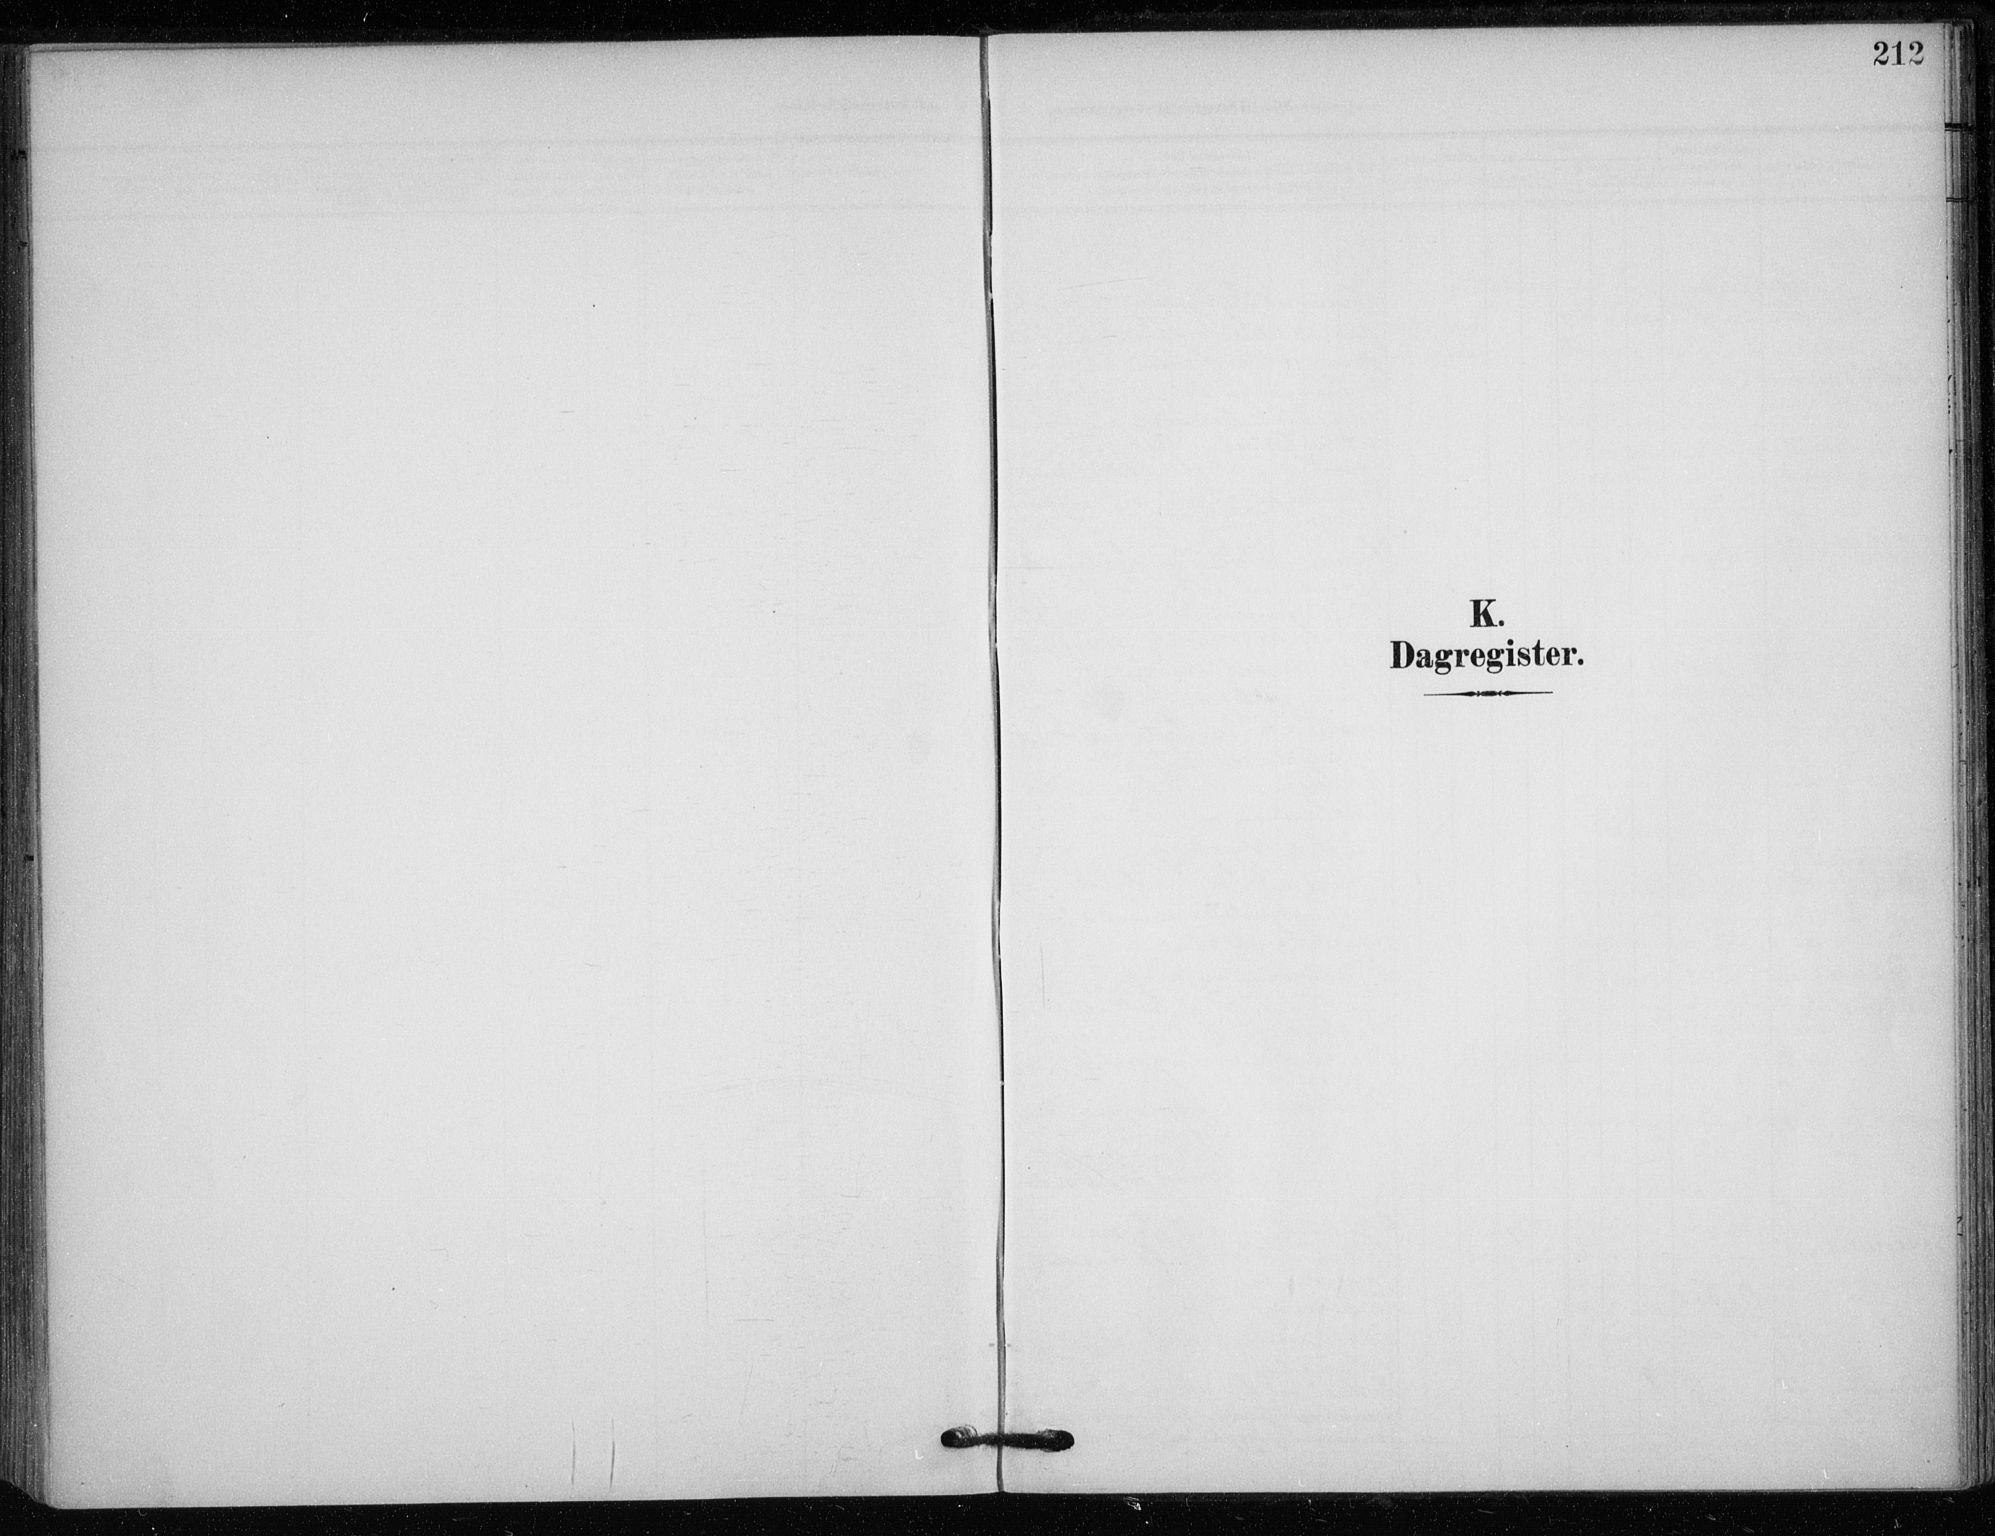 SATØ, Hammerfest sokneprestkontor, H/Ha/L0014.kirke: Ministerialbok nr. 14, 1906-1916, s. 212